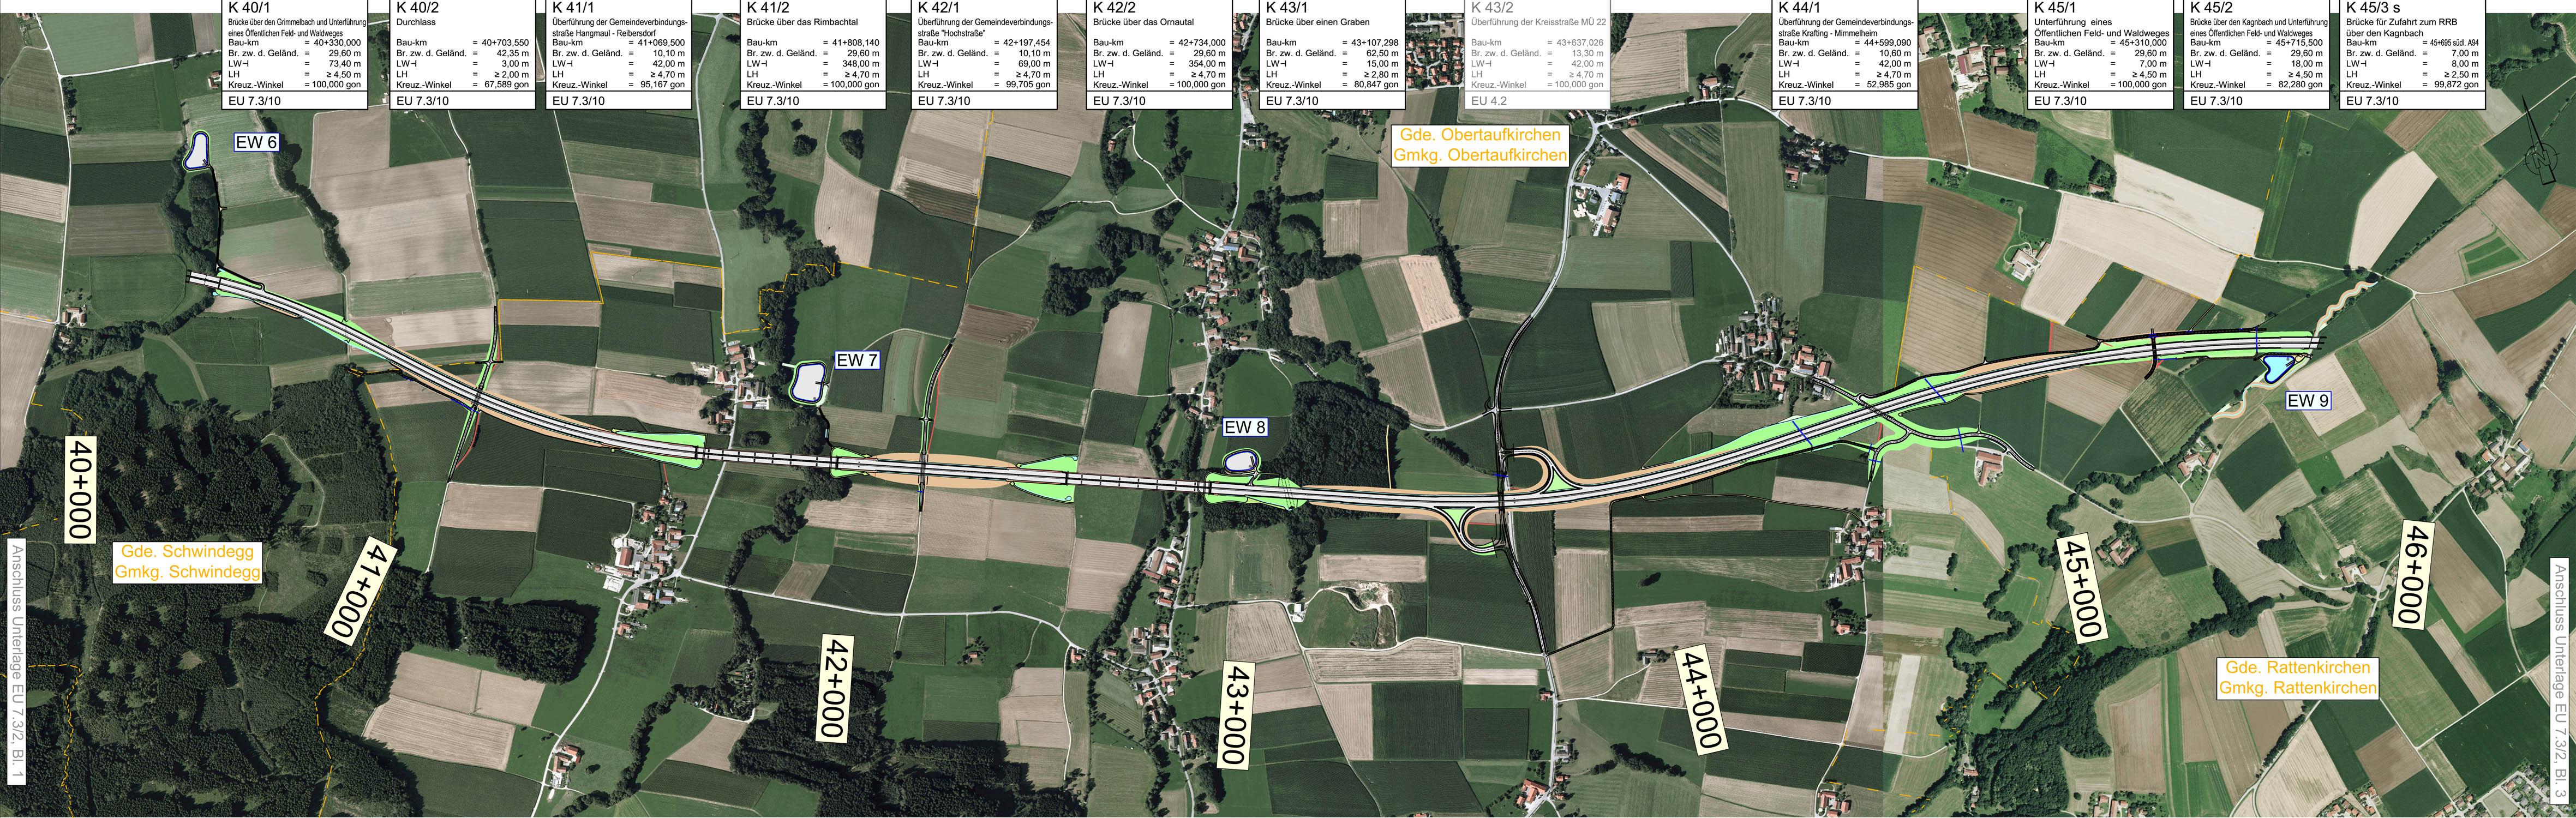 Übersichtslageplan Schwindegg – Rattenkirchen